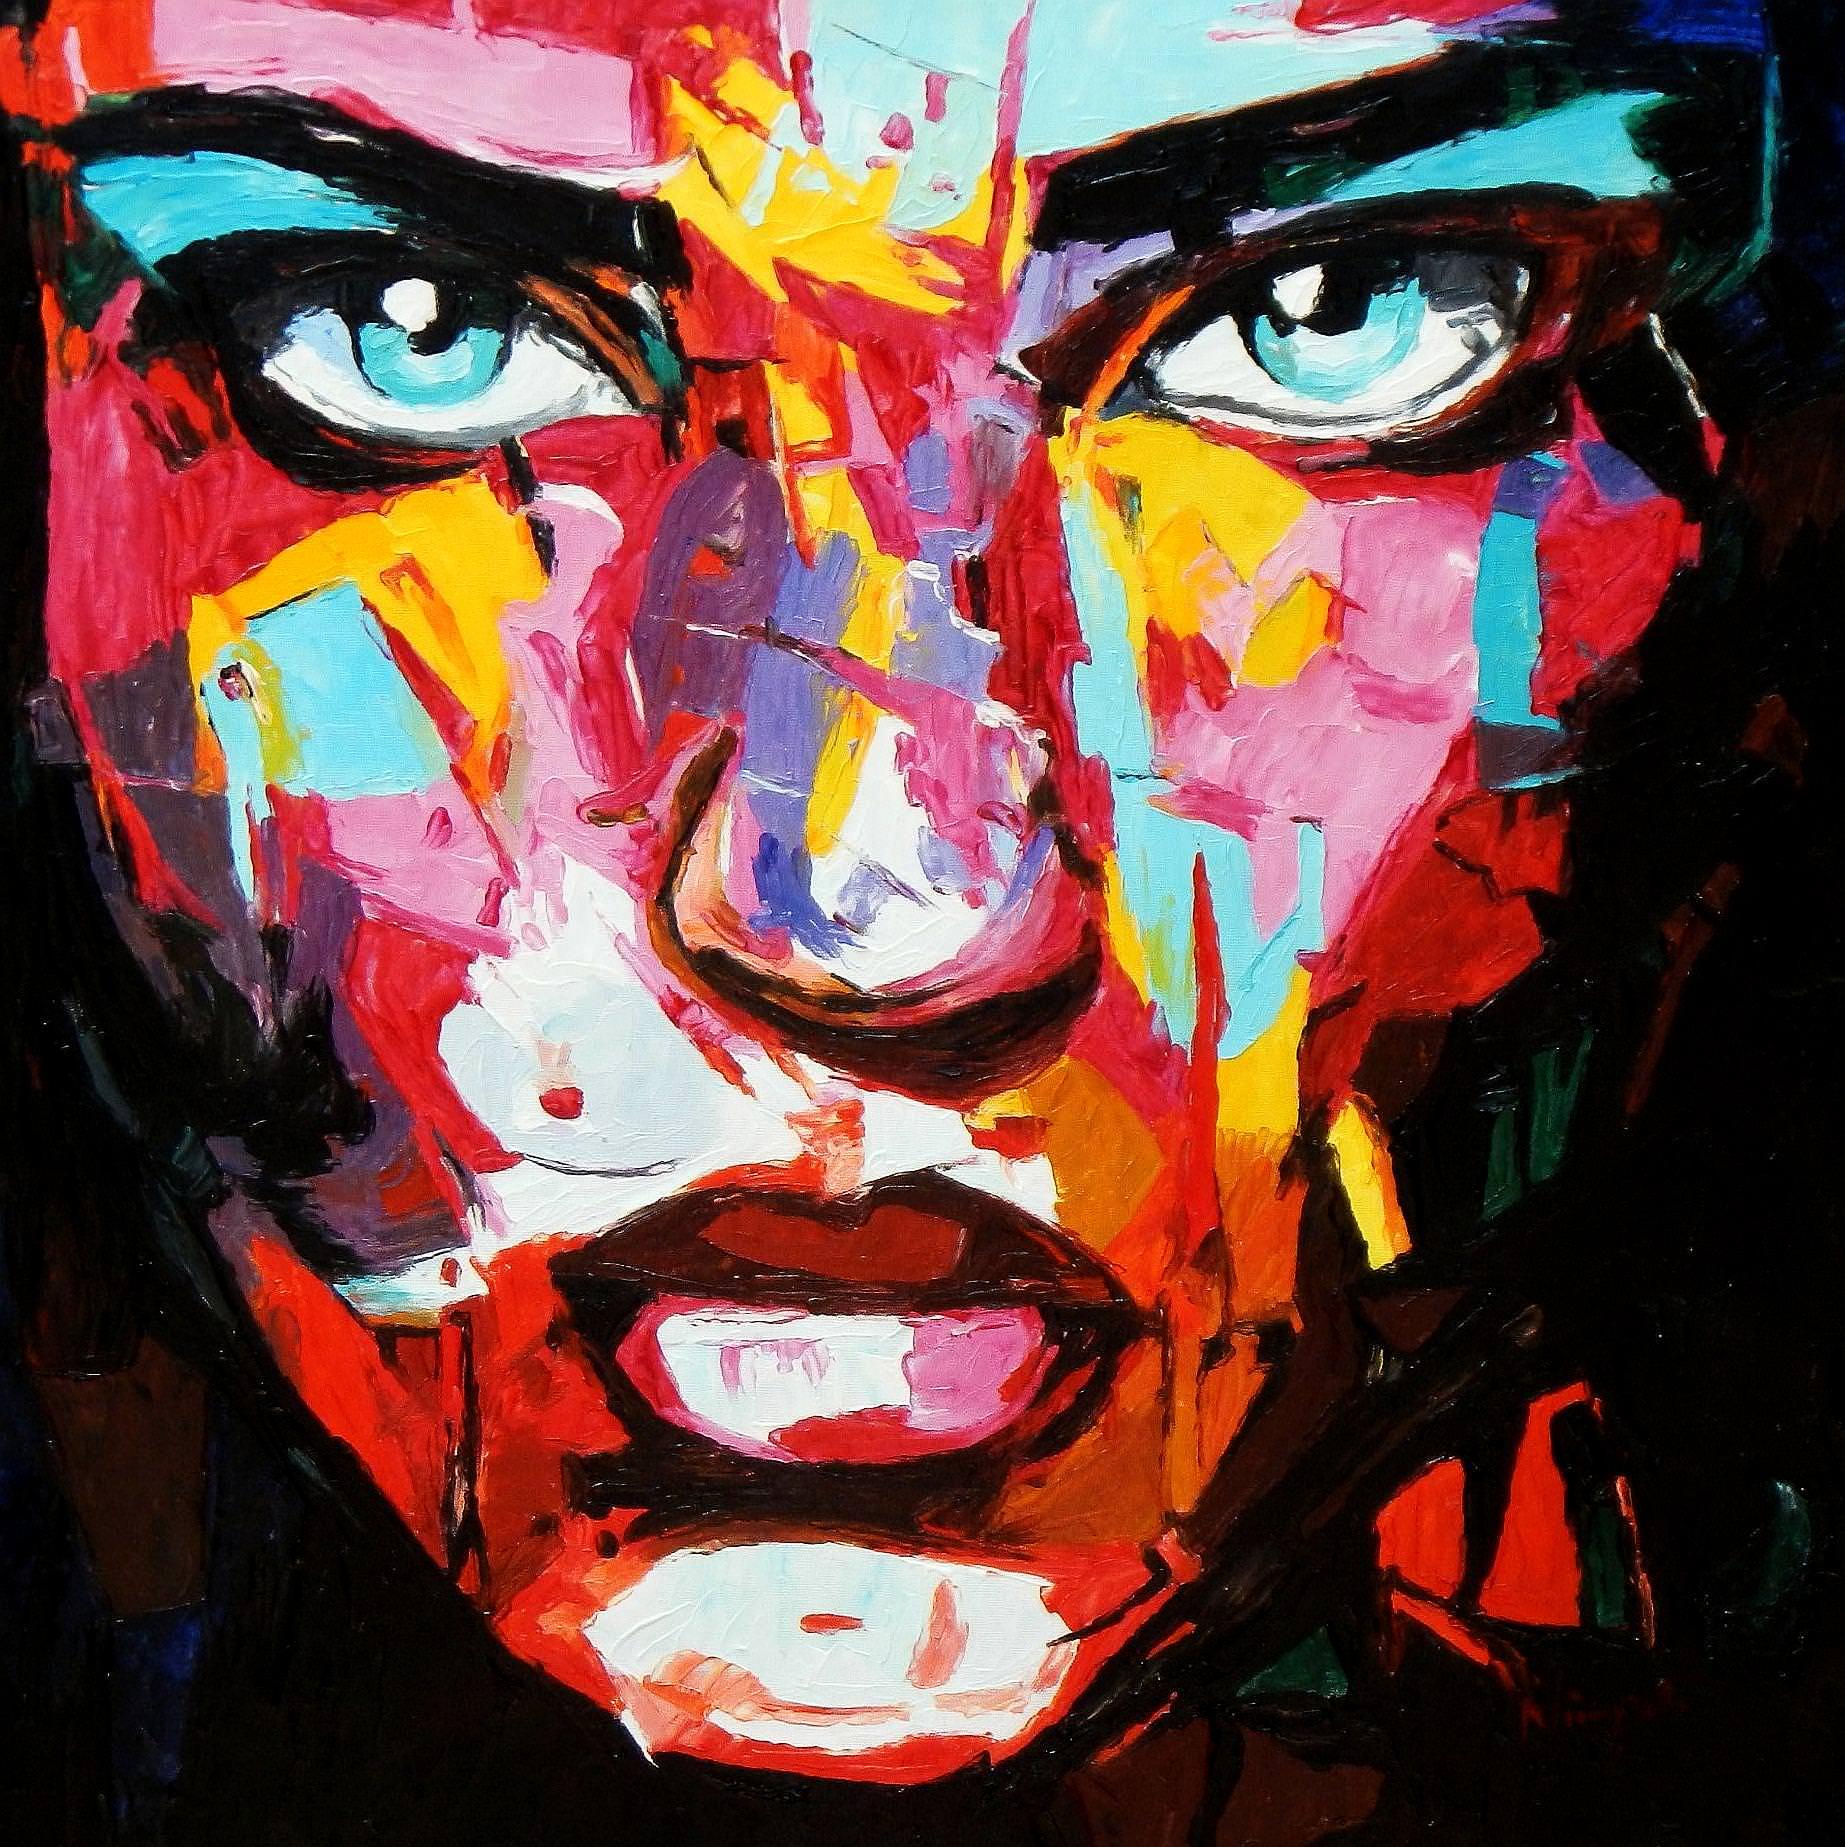 Modern Art - Die Verlässlichkeit e93723 60x60cm eindrucksvolles Ölbild